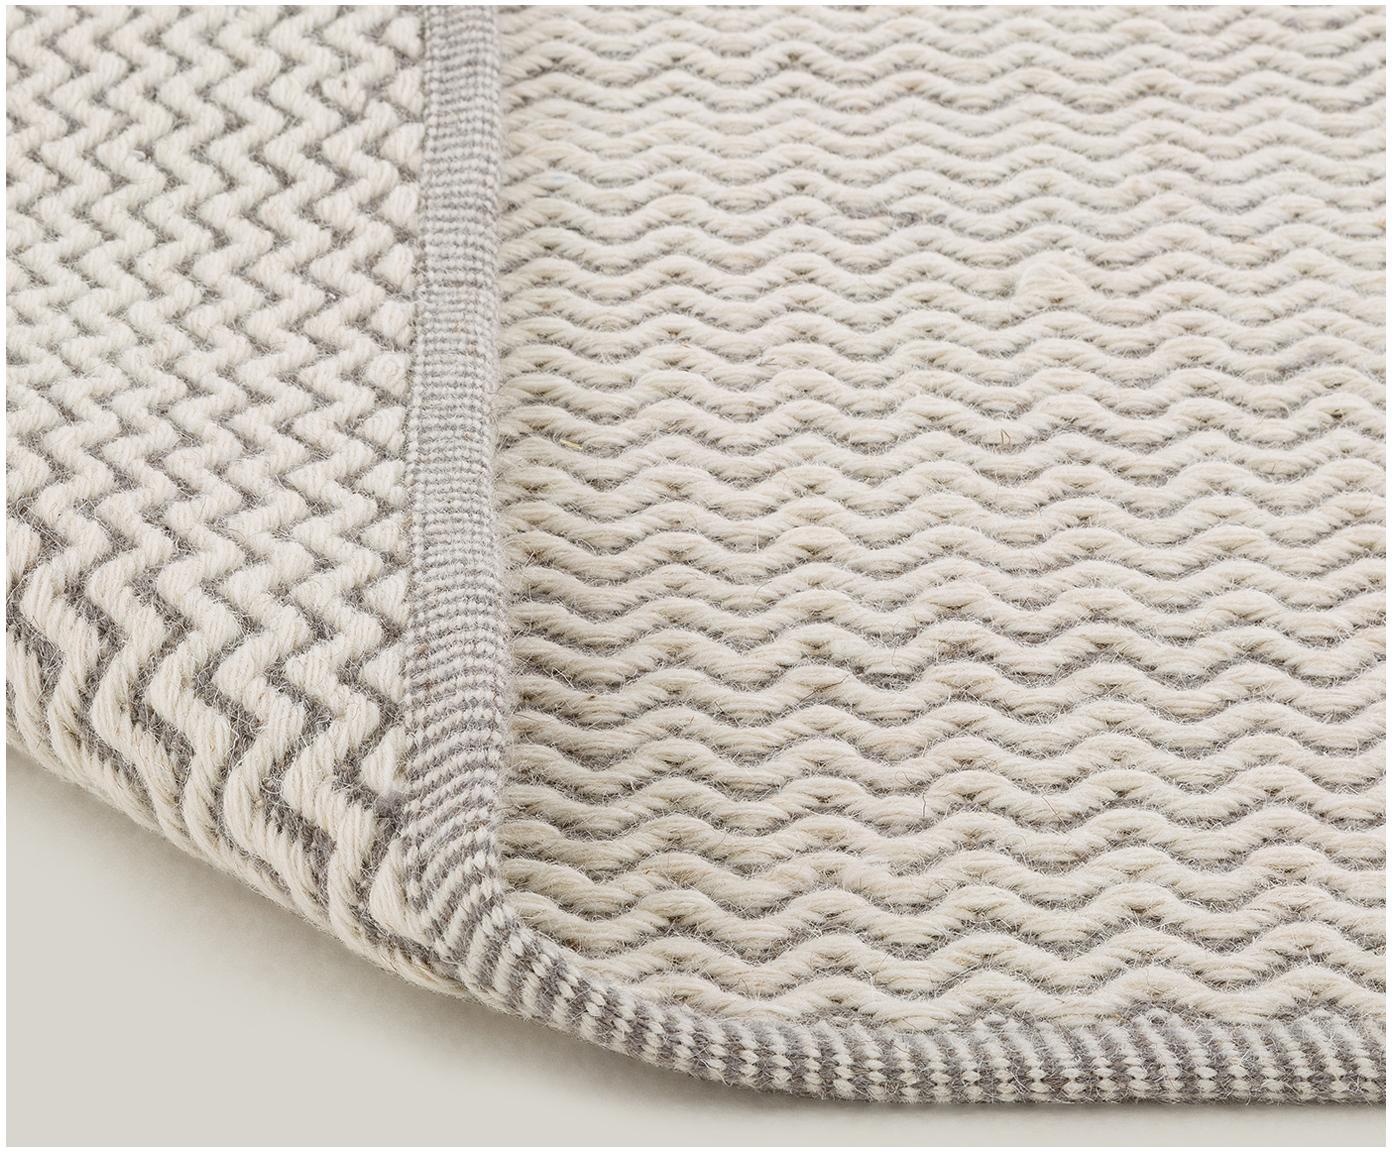 Tappeto in lana tessuto a mano Corsa, Crema, grigio chiaro, Larg. 140 x Lung. 200 cm (taglia S)